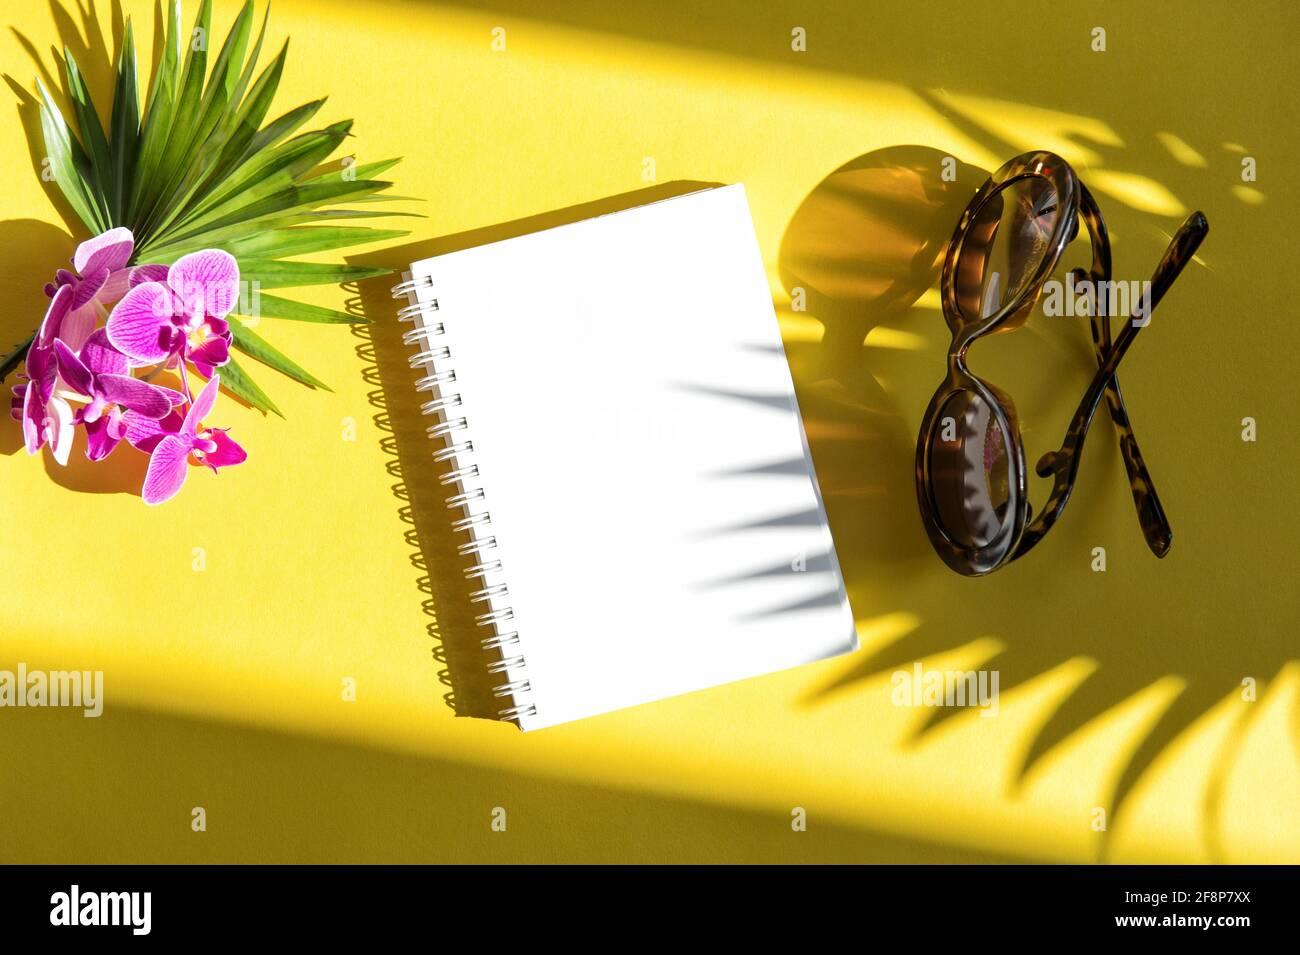 Sommer flach lag mit Schatten. Notizbuch, Sonnenbrille, Palmblatt, Orchideenblume auf gelbem Hintergrund Stockfoto